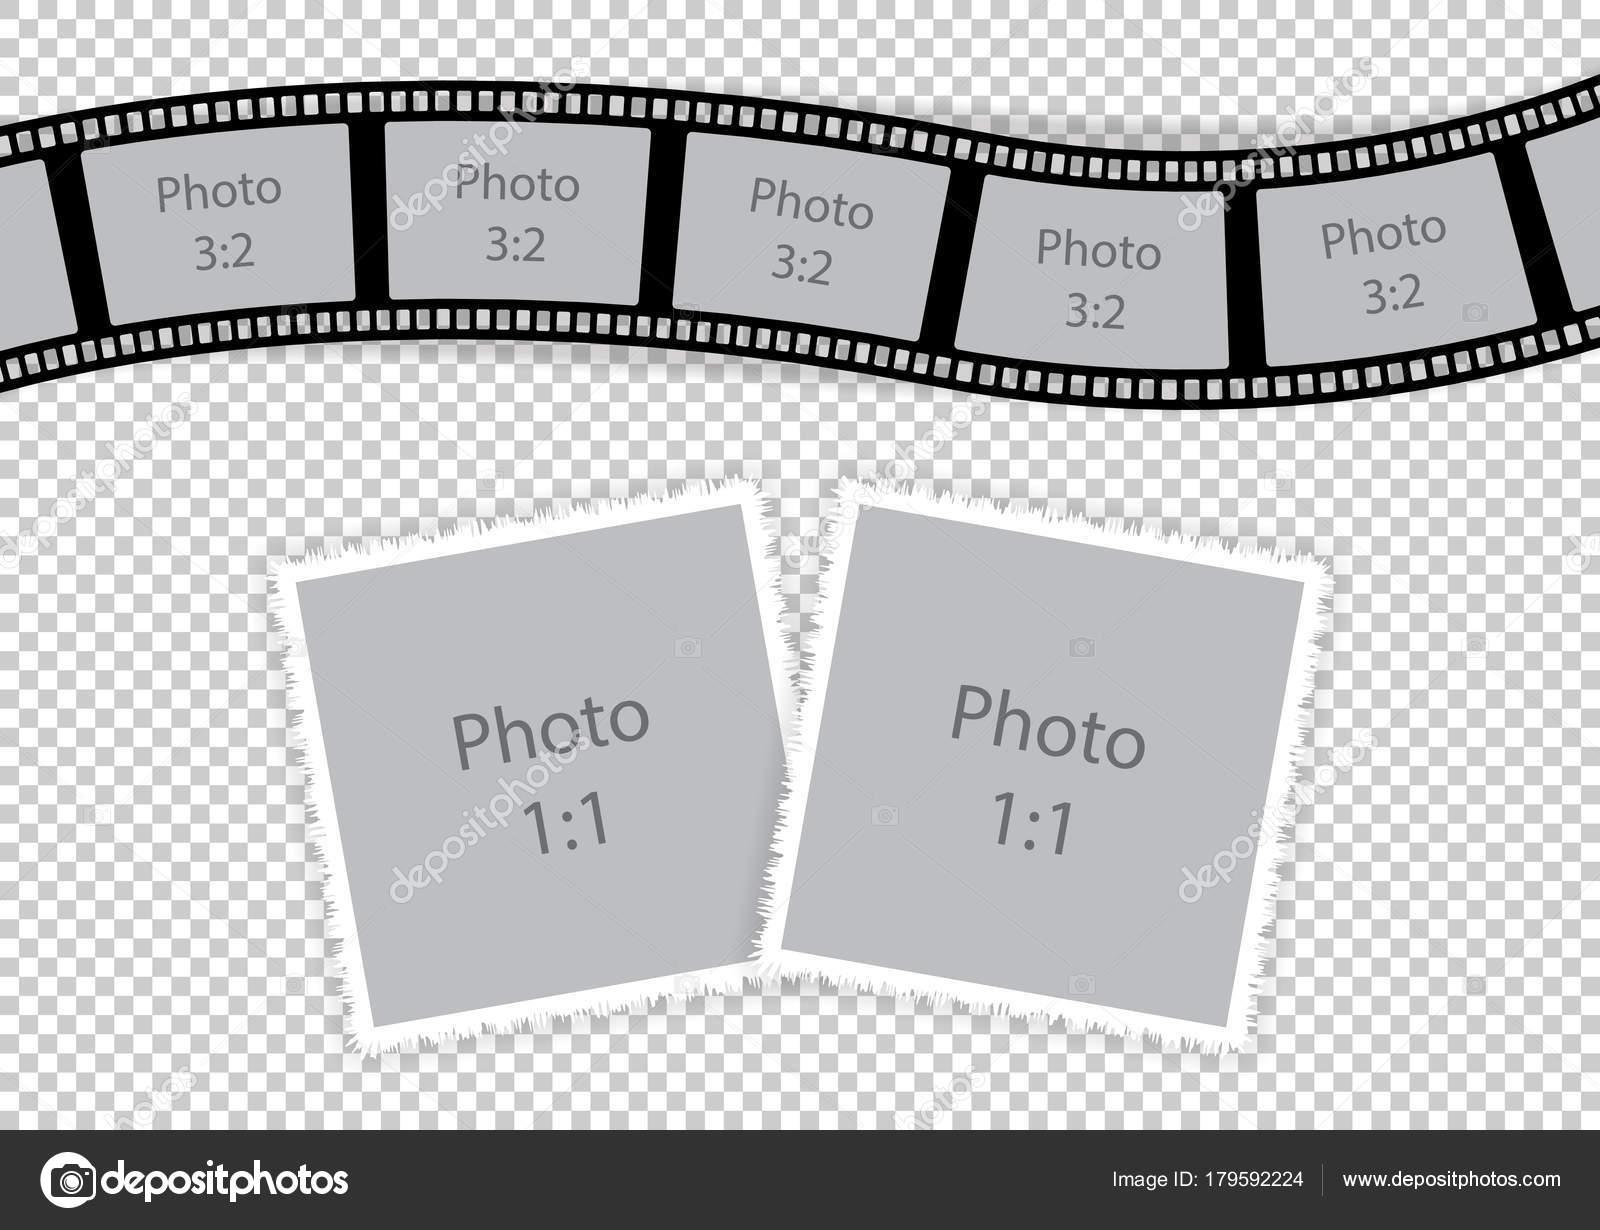 Romántica foto collage de marcos para el amor de pareja — Archivo ...